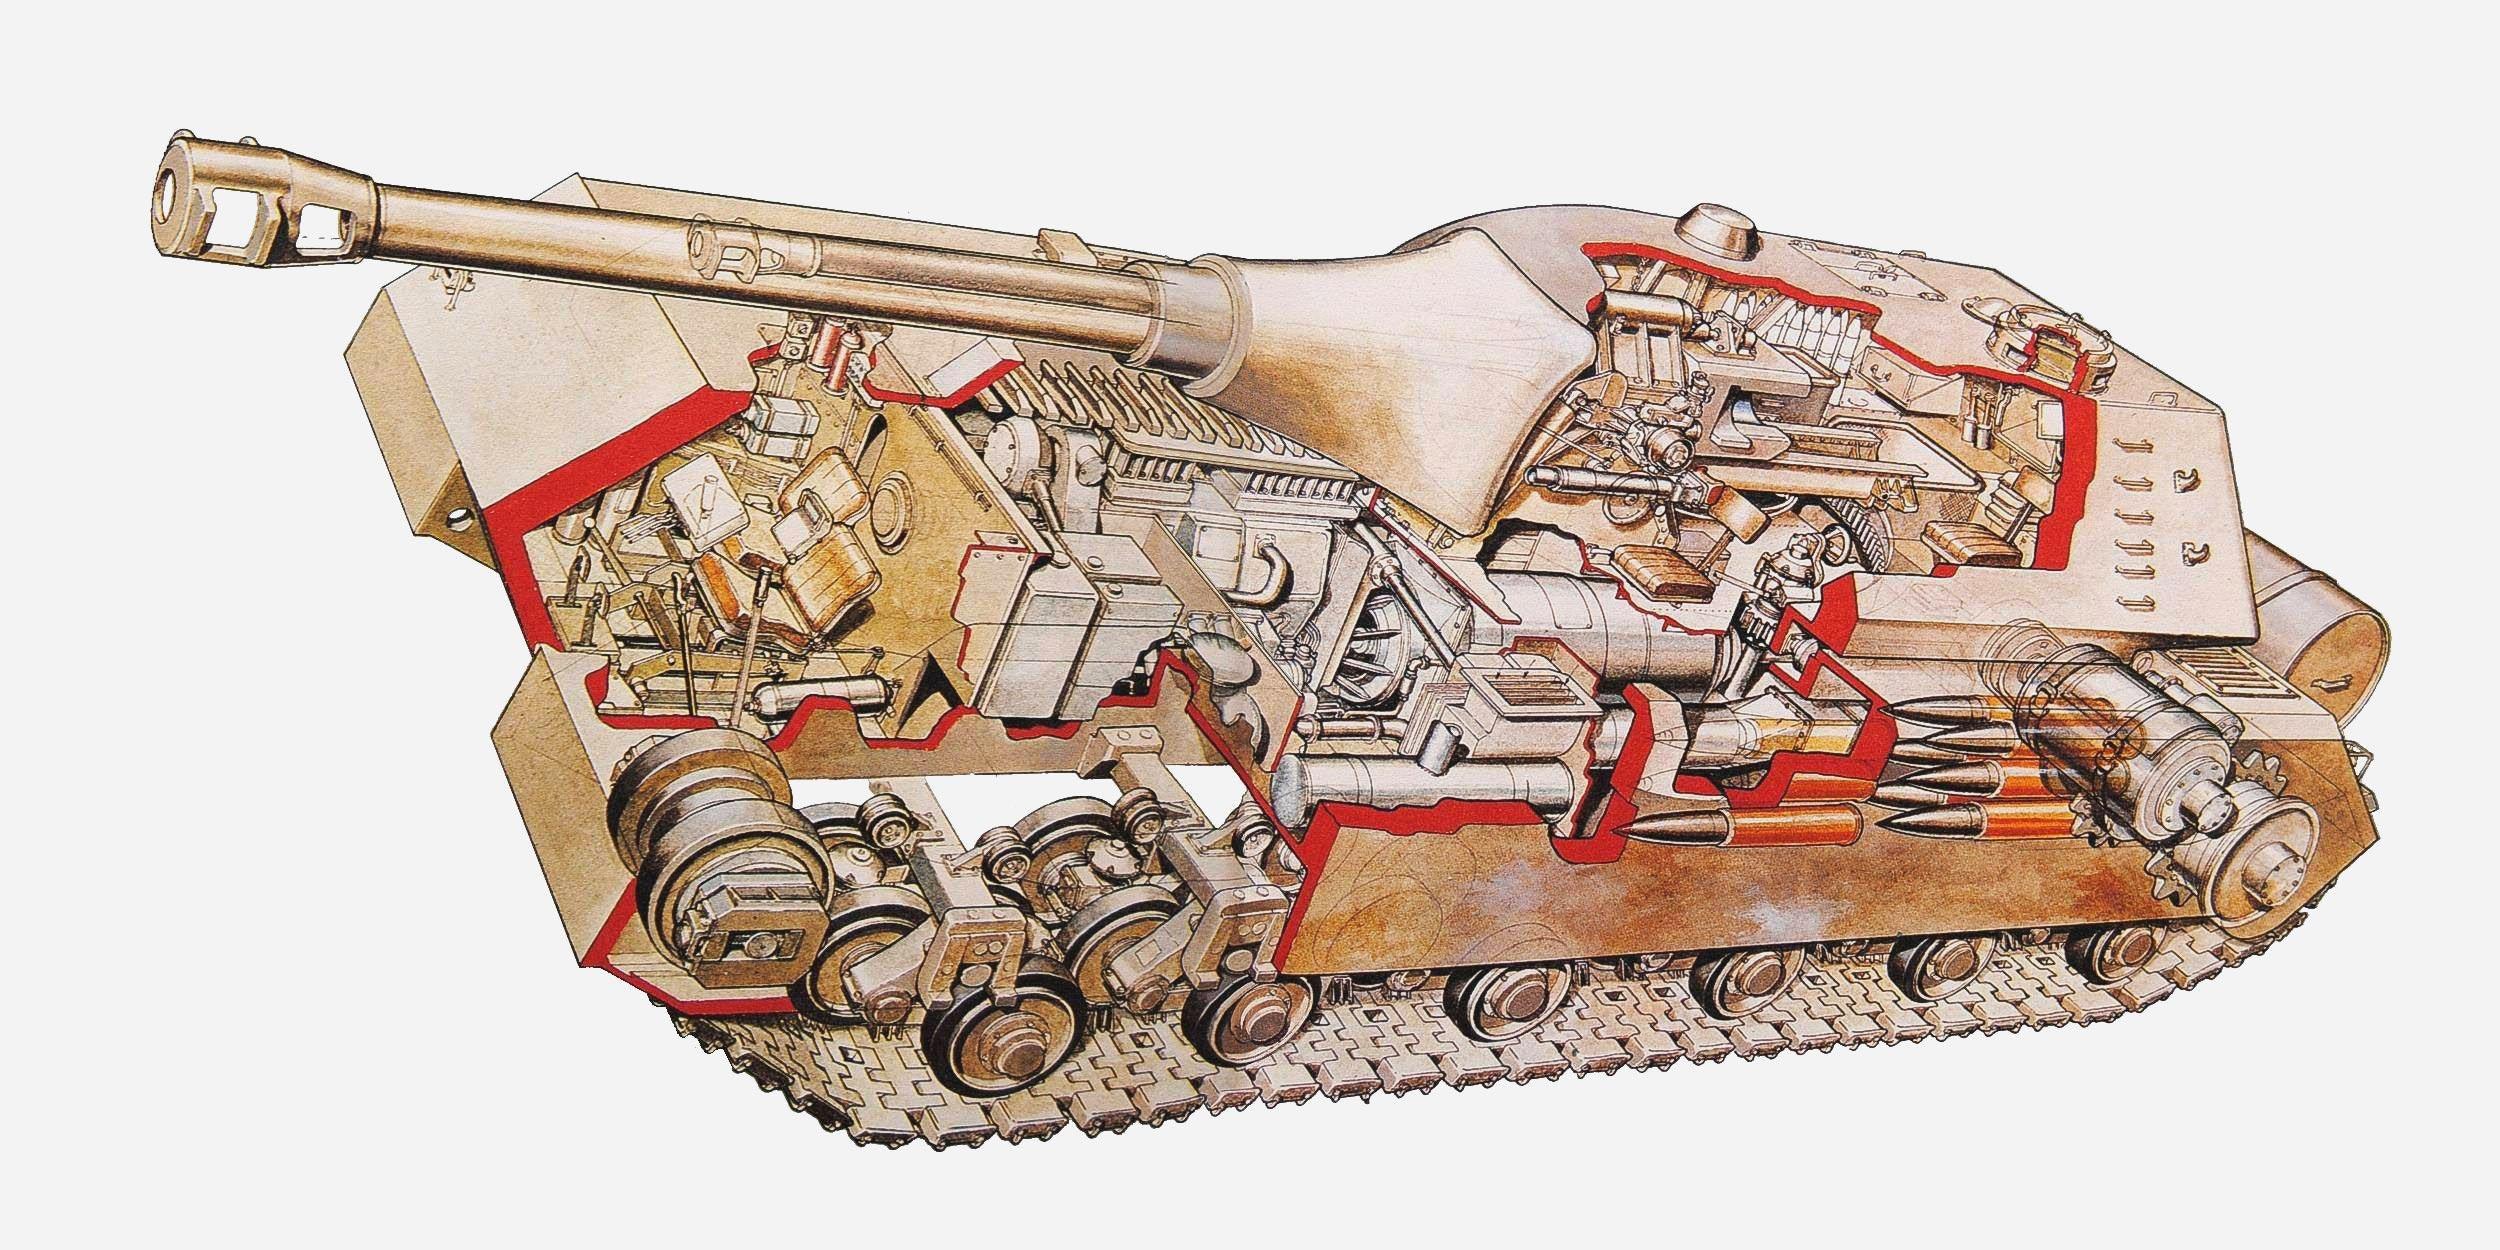 Panzer VIII Maus cutaway